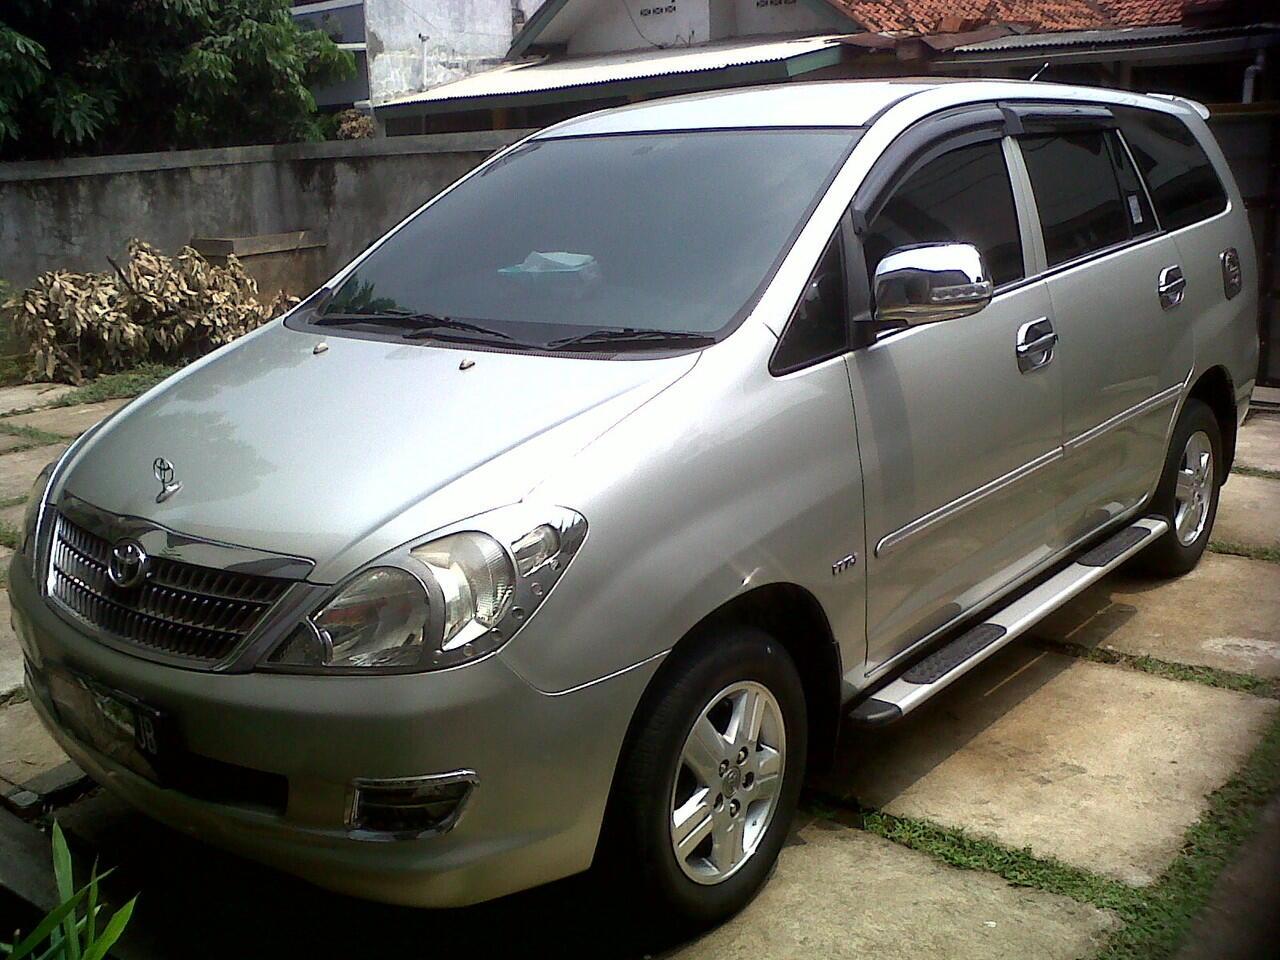 Dijual Mobil Kijang Innova Tahun 2007 (Siap Pakai)